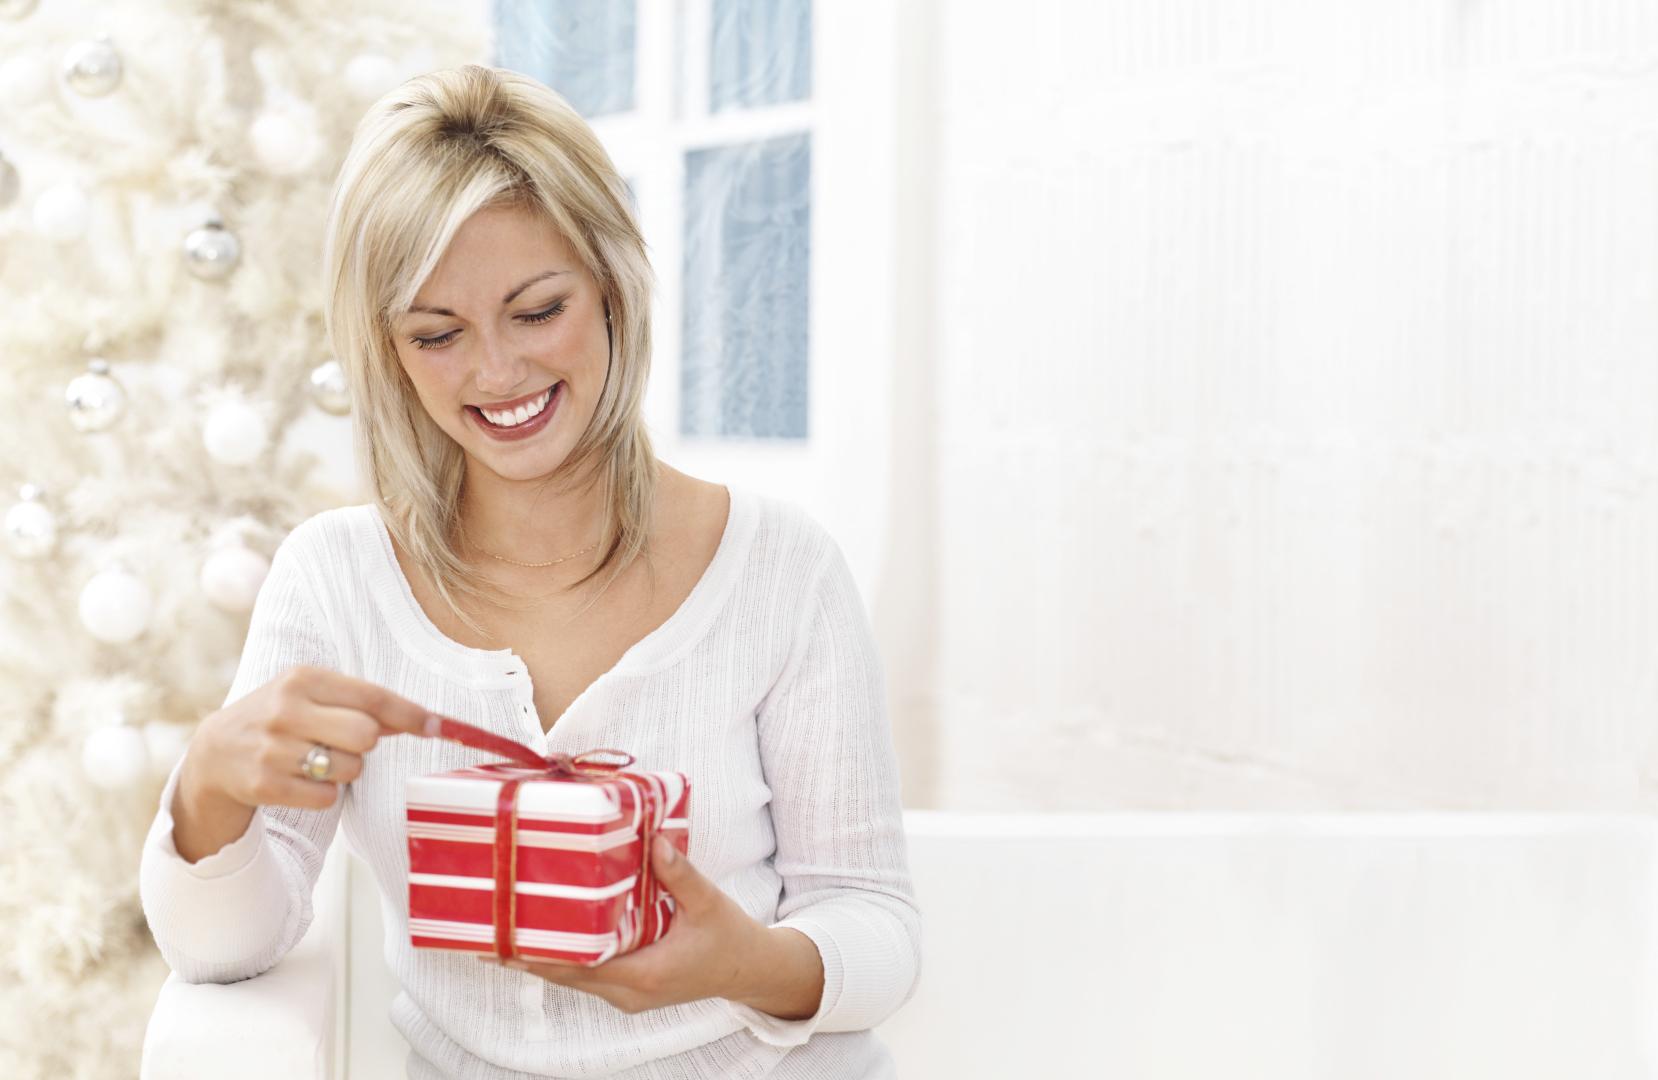 Подарки которые нельзя дарить девушке 15